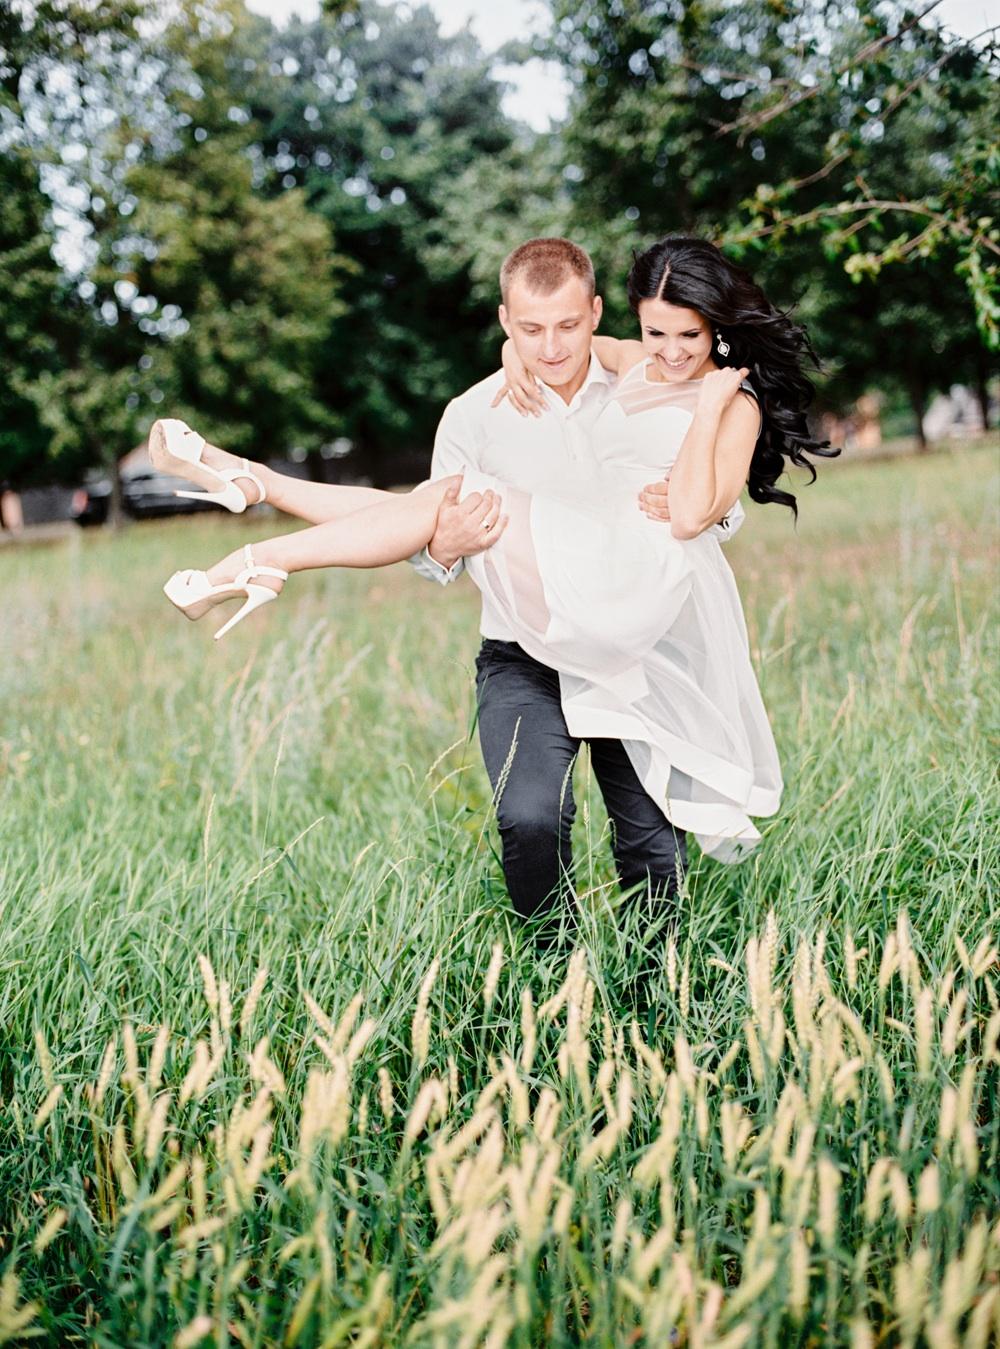 Wedding film photographer in Cyprus, Limassol, Nicosia, Larnaca, Paphos, Paralimni, Agia Napa, Famagusta